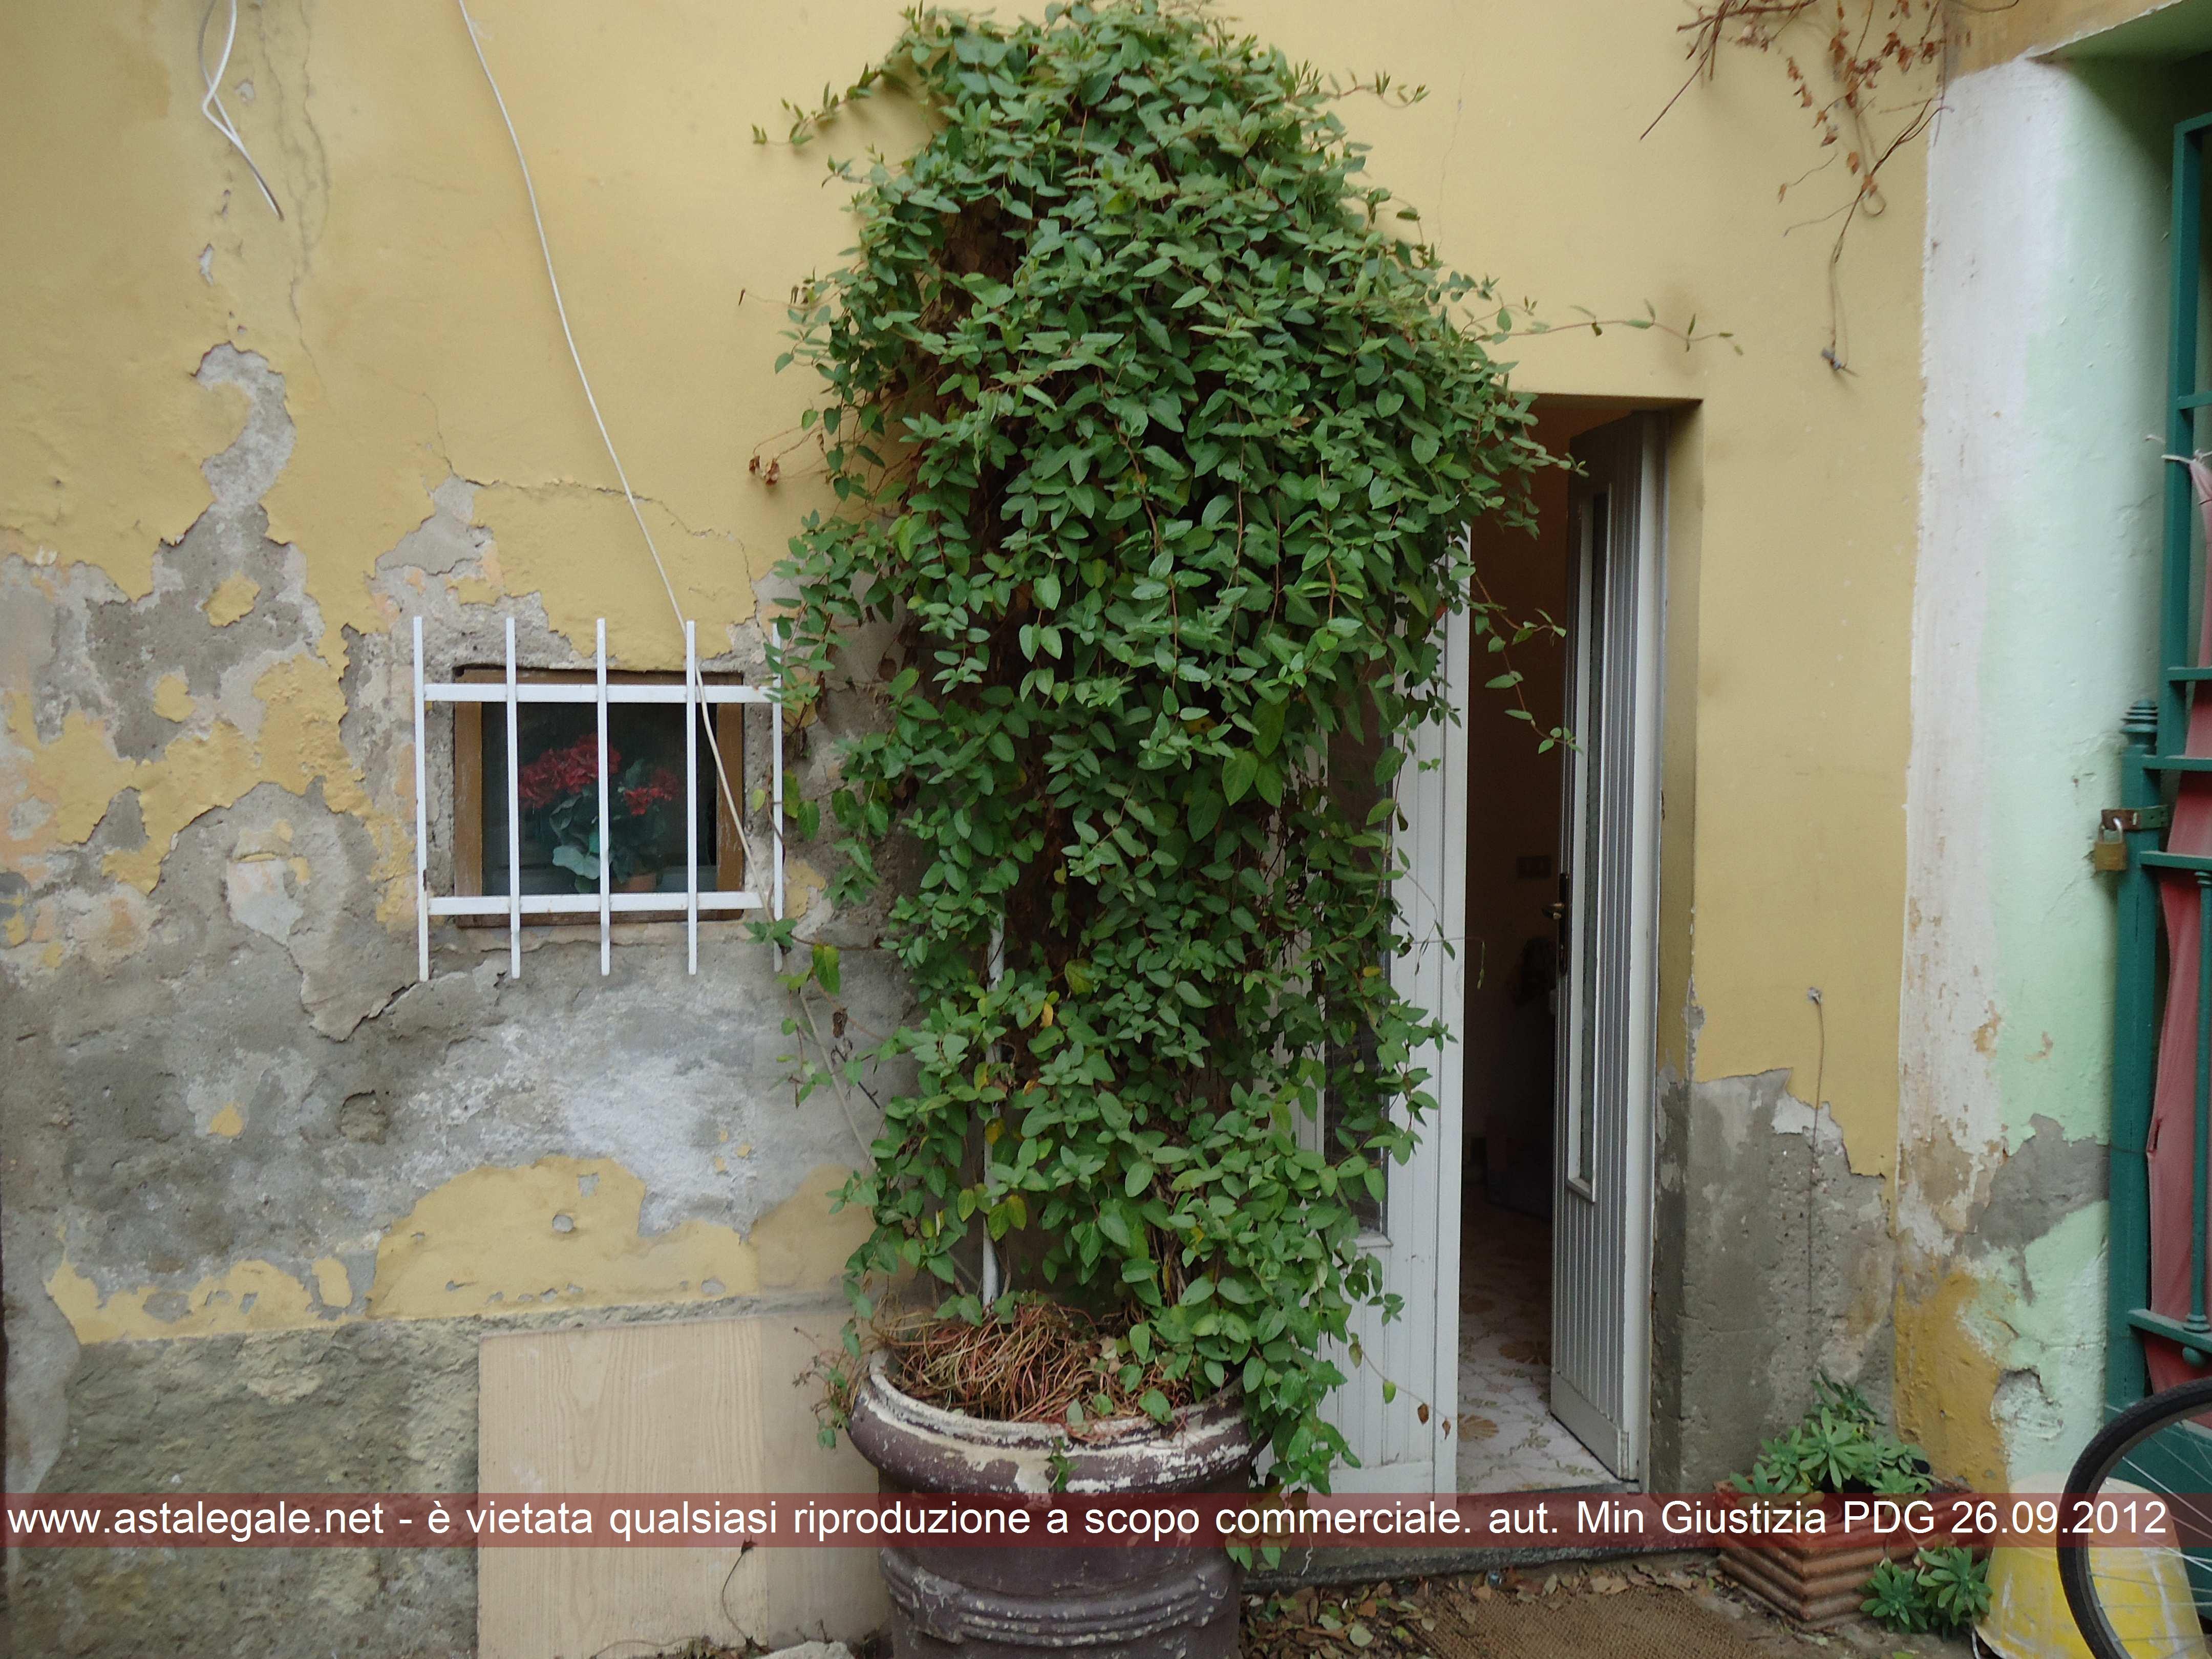 Casalpusterlengo (LO) Via Trieste 54